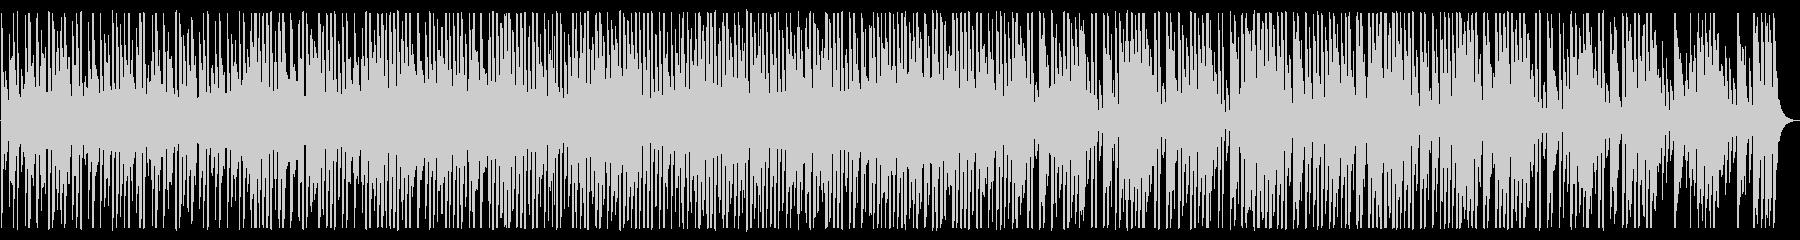 レトロ/アーバン/R&B_No463_3の未再生の波形